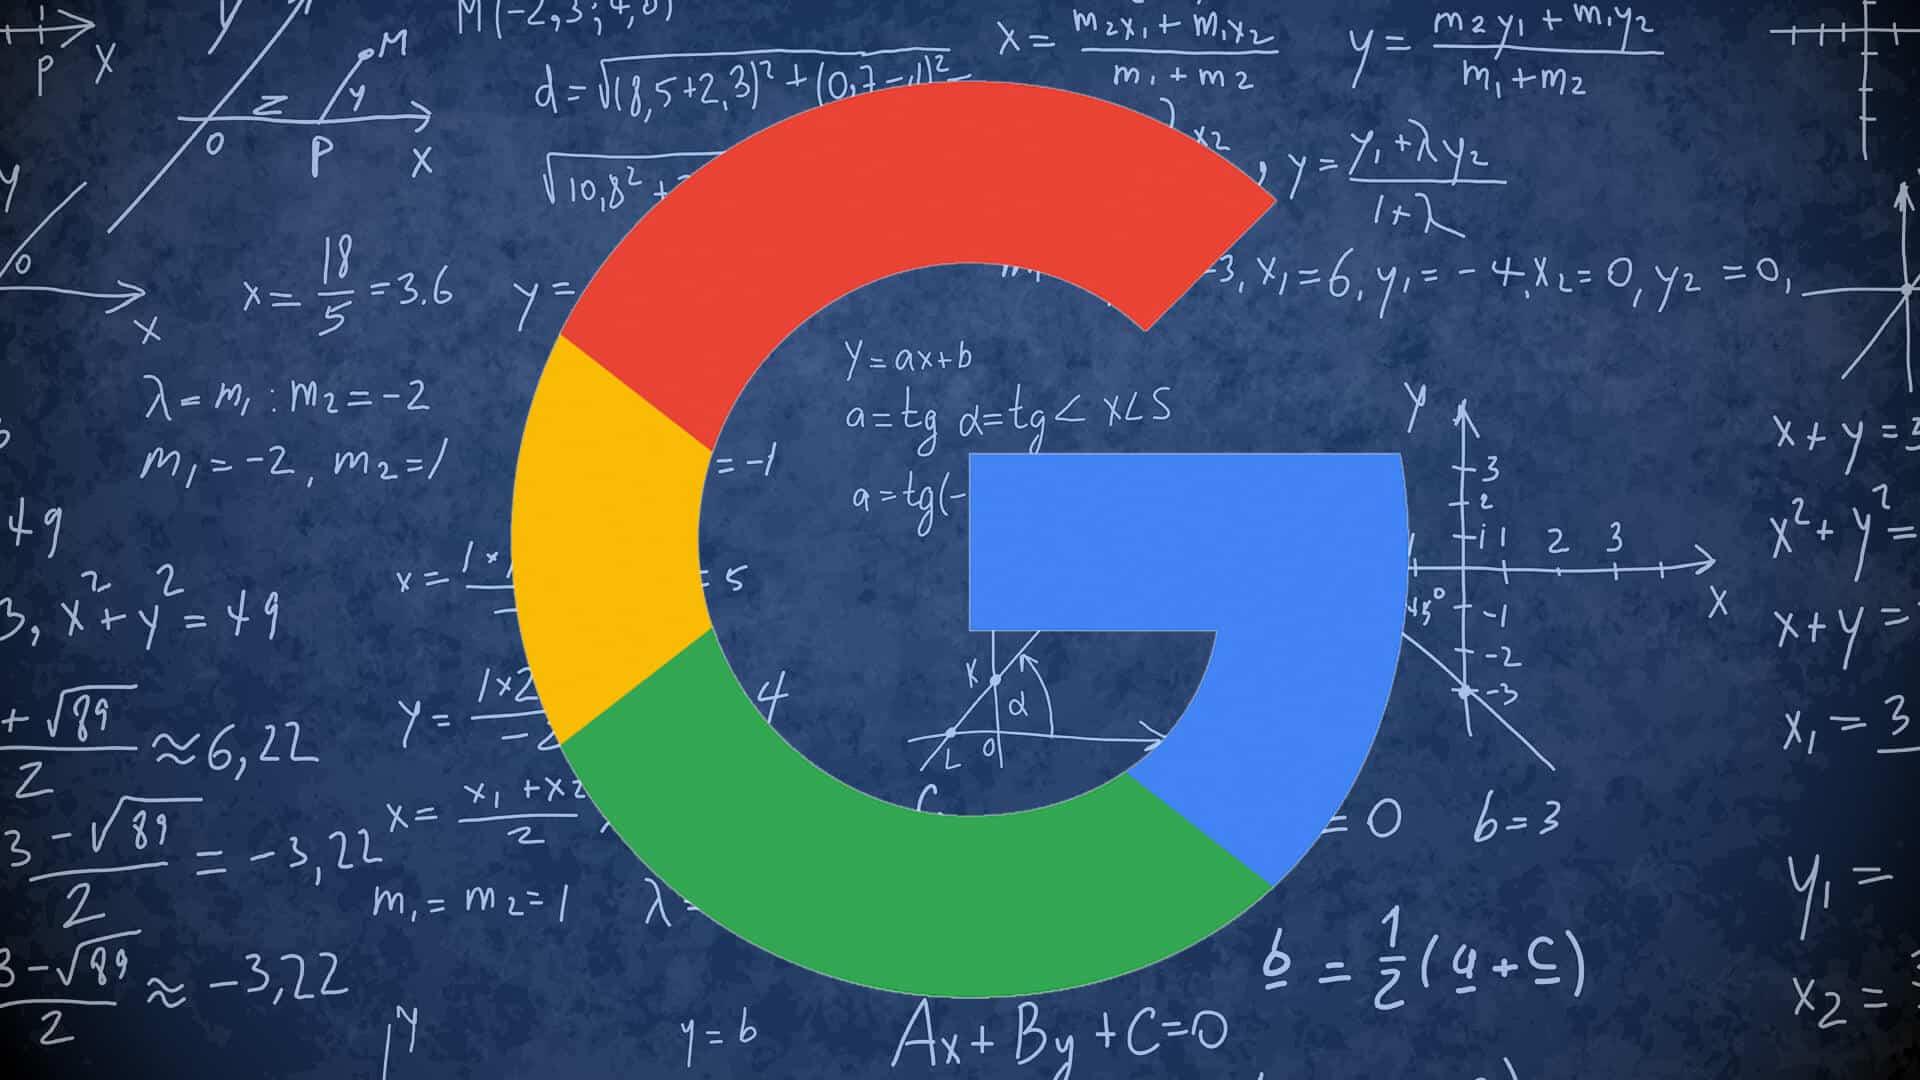 مع انهيار زيارات فيس بوك الحل هو السيو Seo مع الملك جوجل